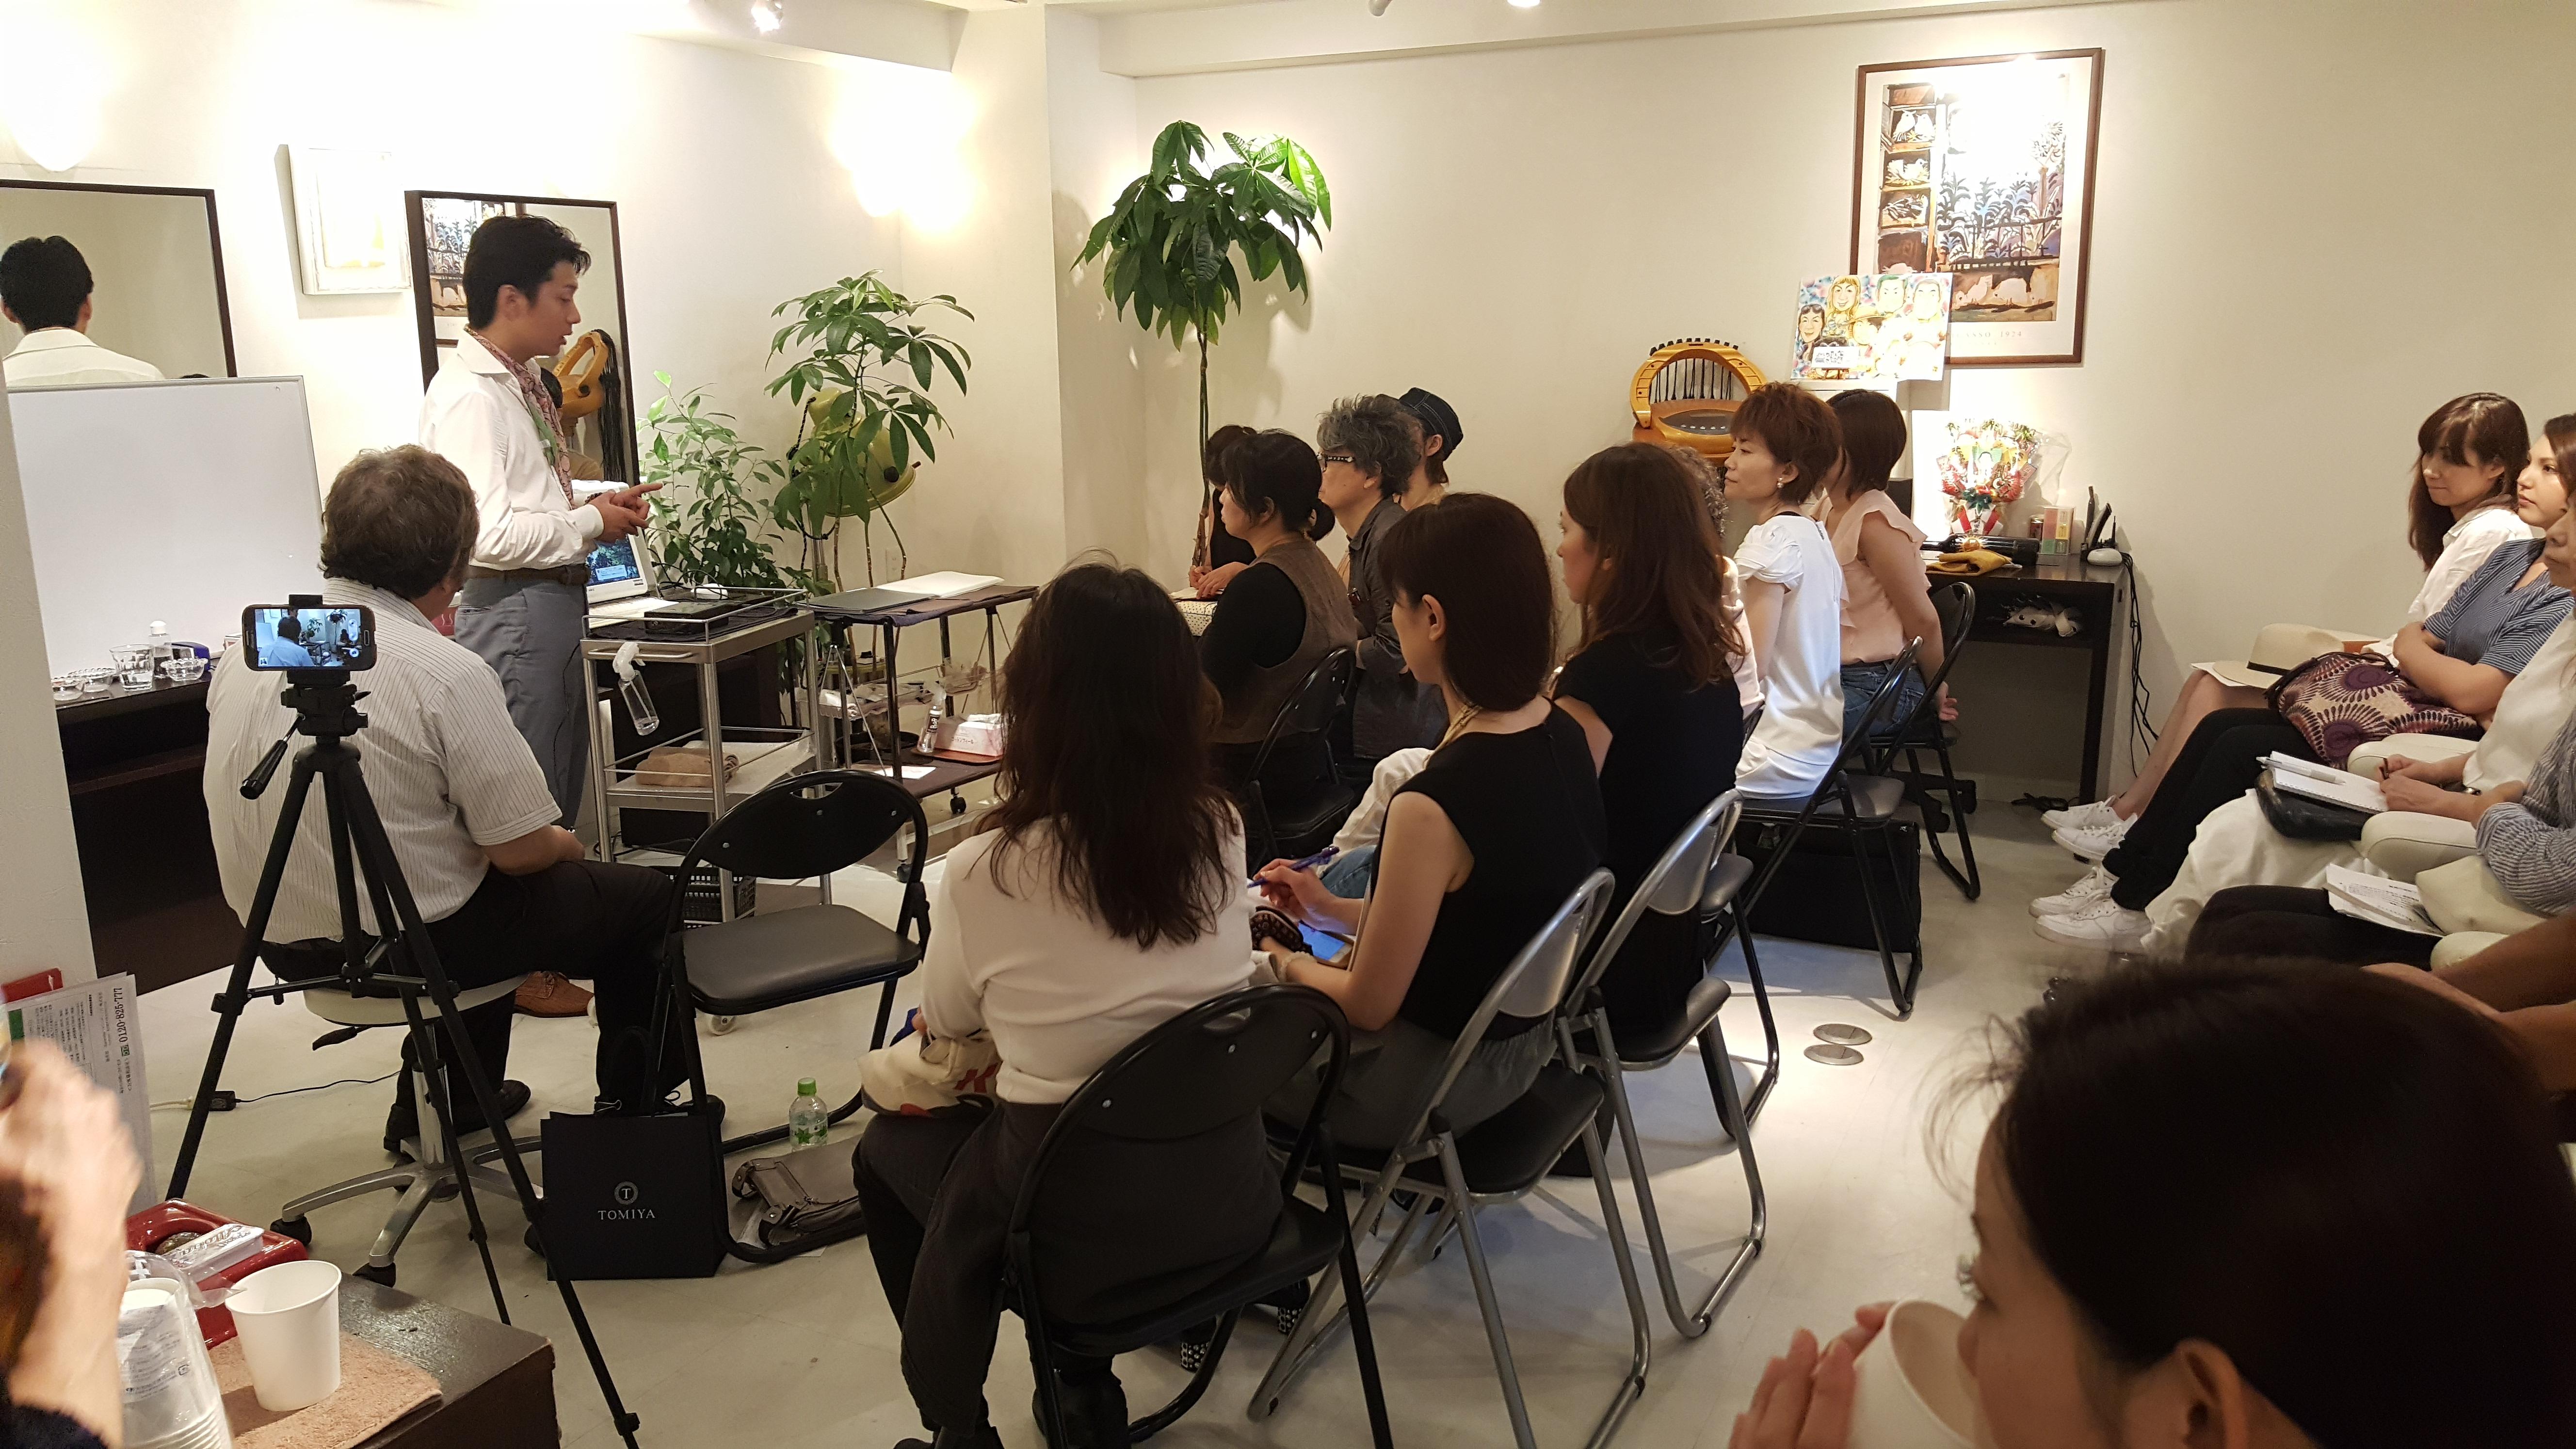 エステサロン独立・開業・副業・売上アップへの道!長野で勉強会を開催しました!